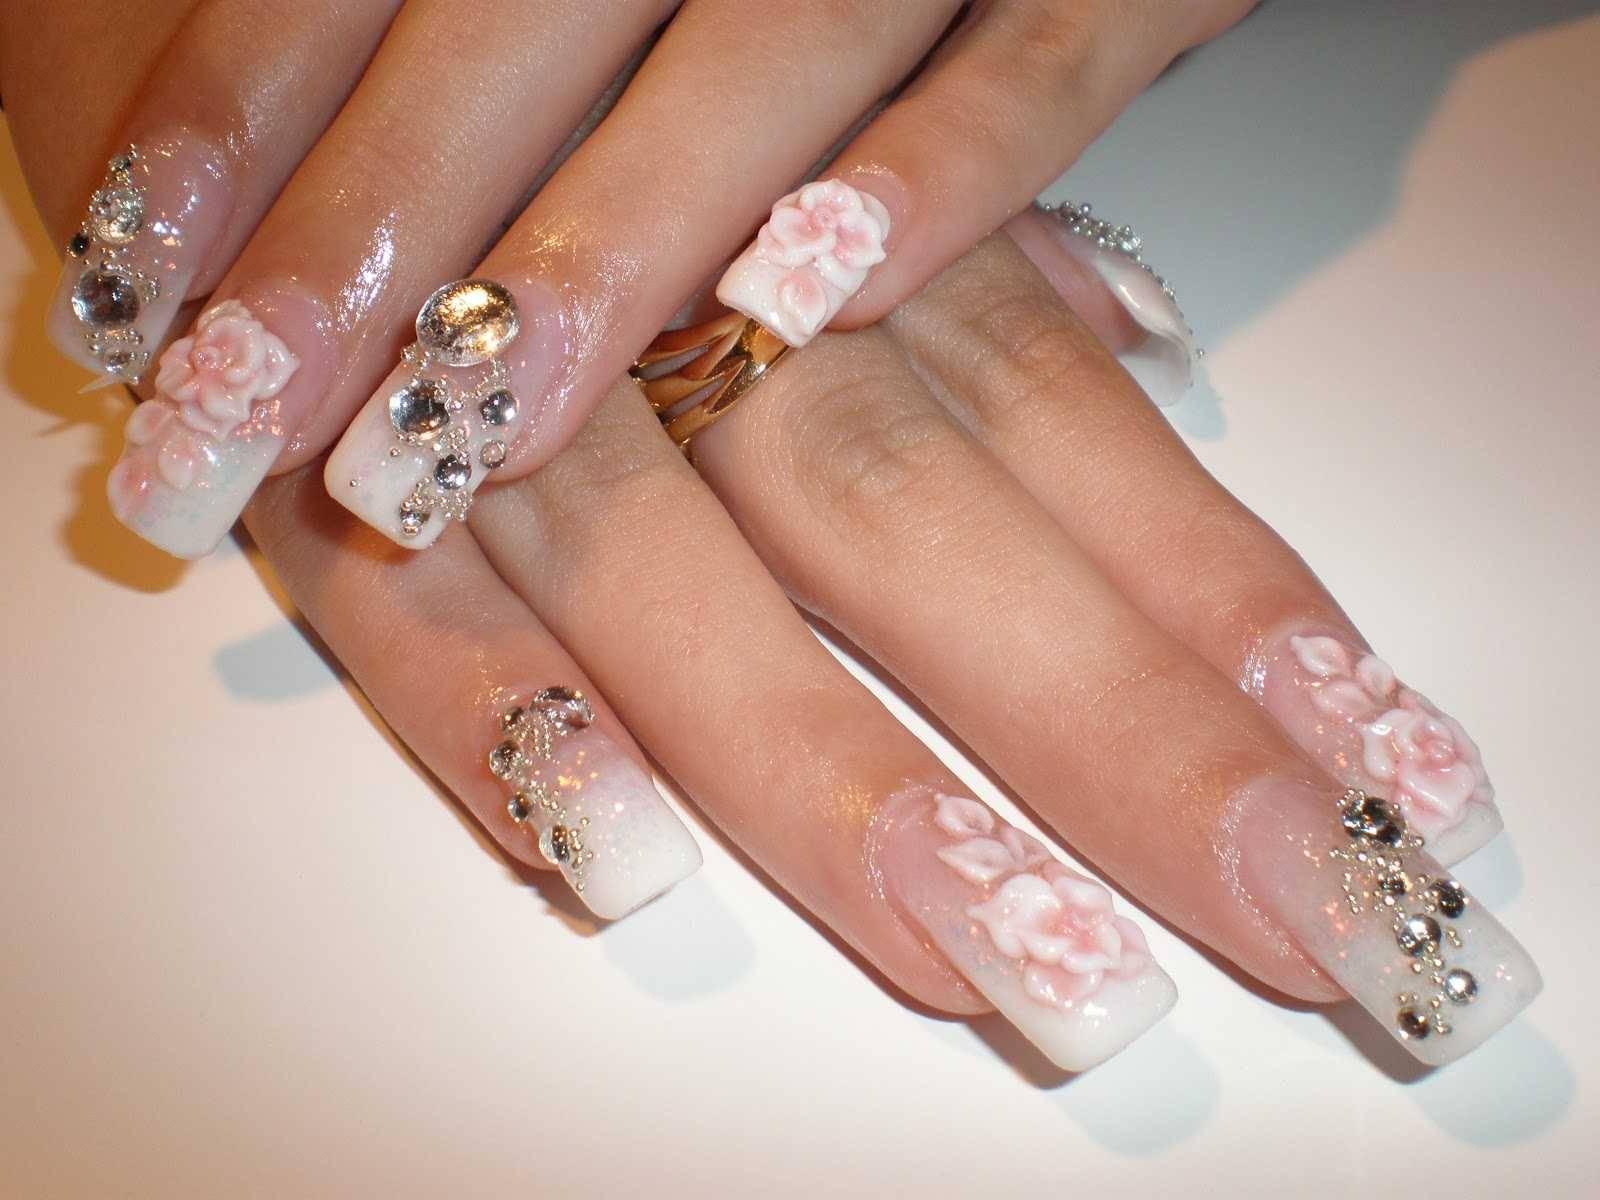 Beautiful nails   Nails Nail Art Wallpaper   Nail Designs Picture 1600x1200